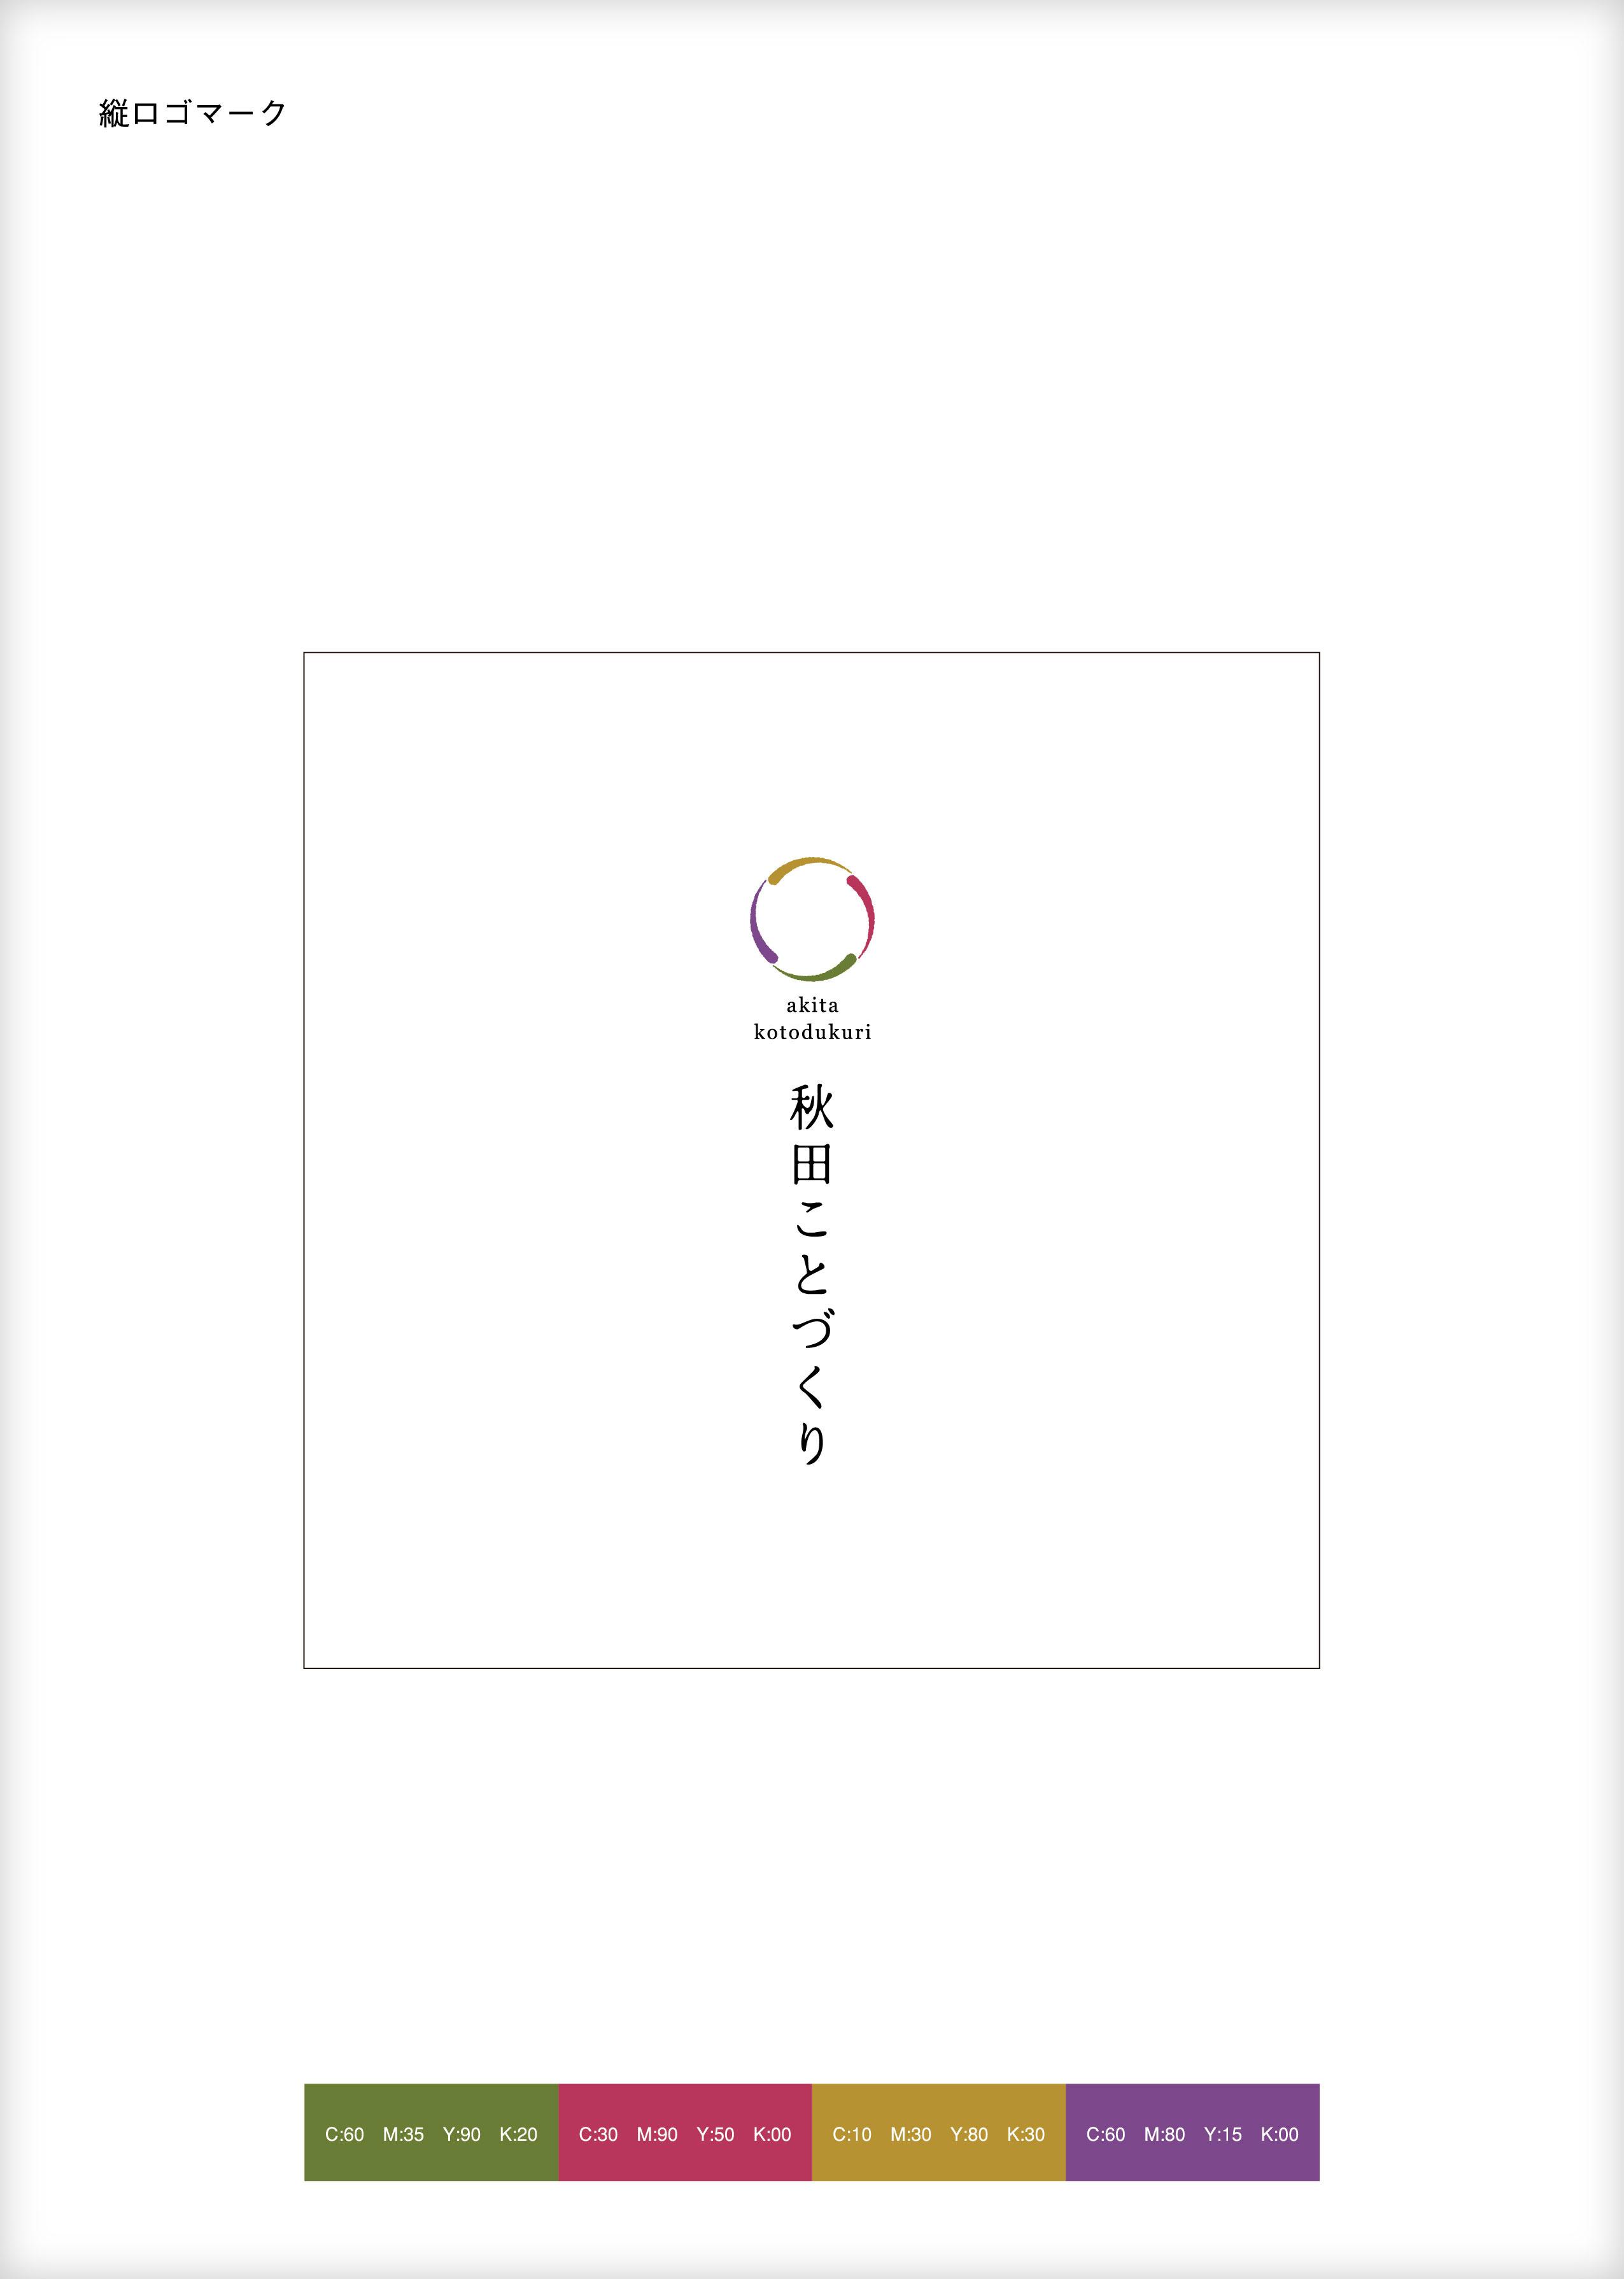 akita_kotodukuri05